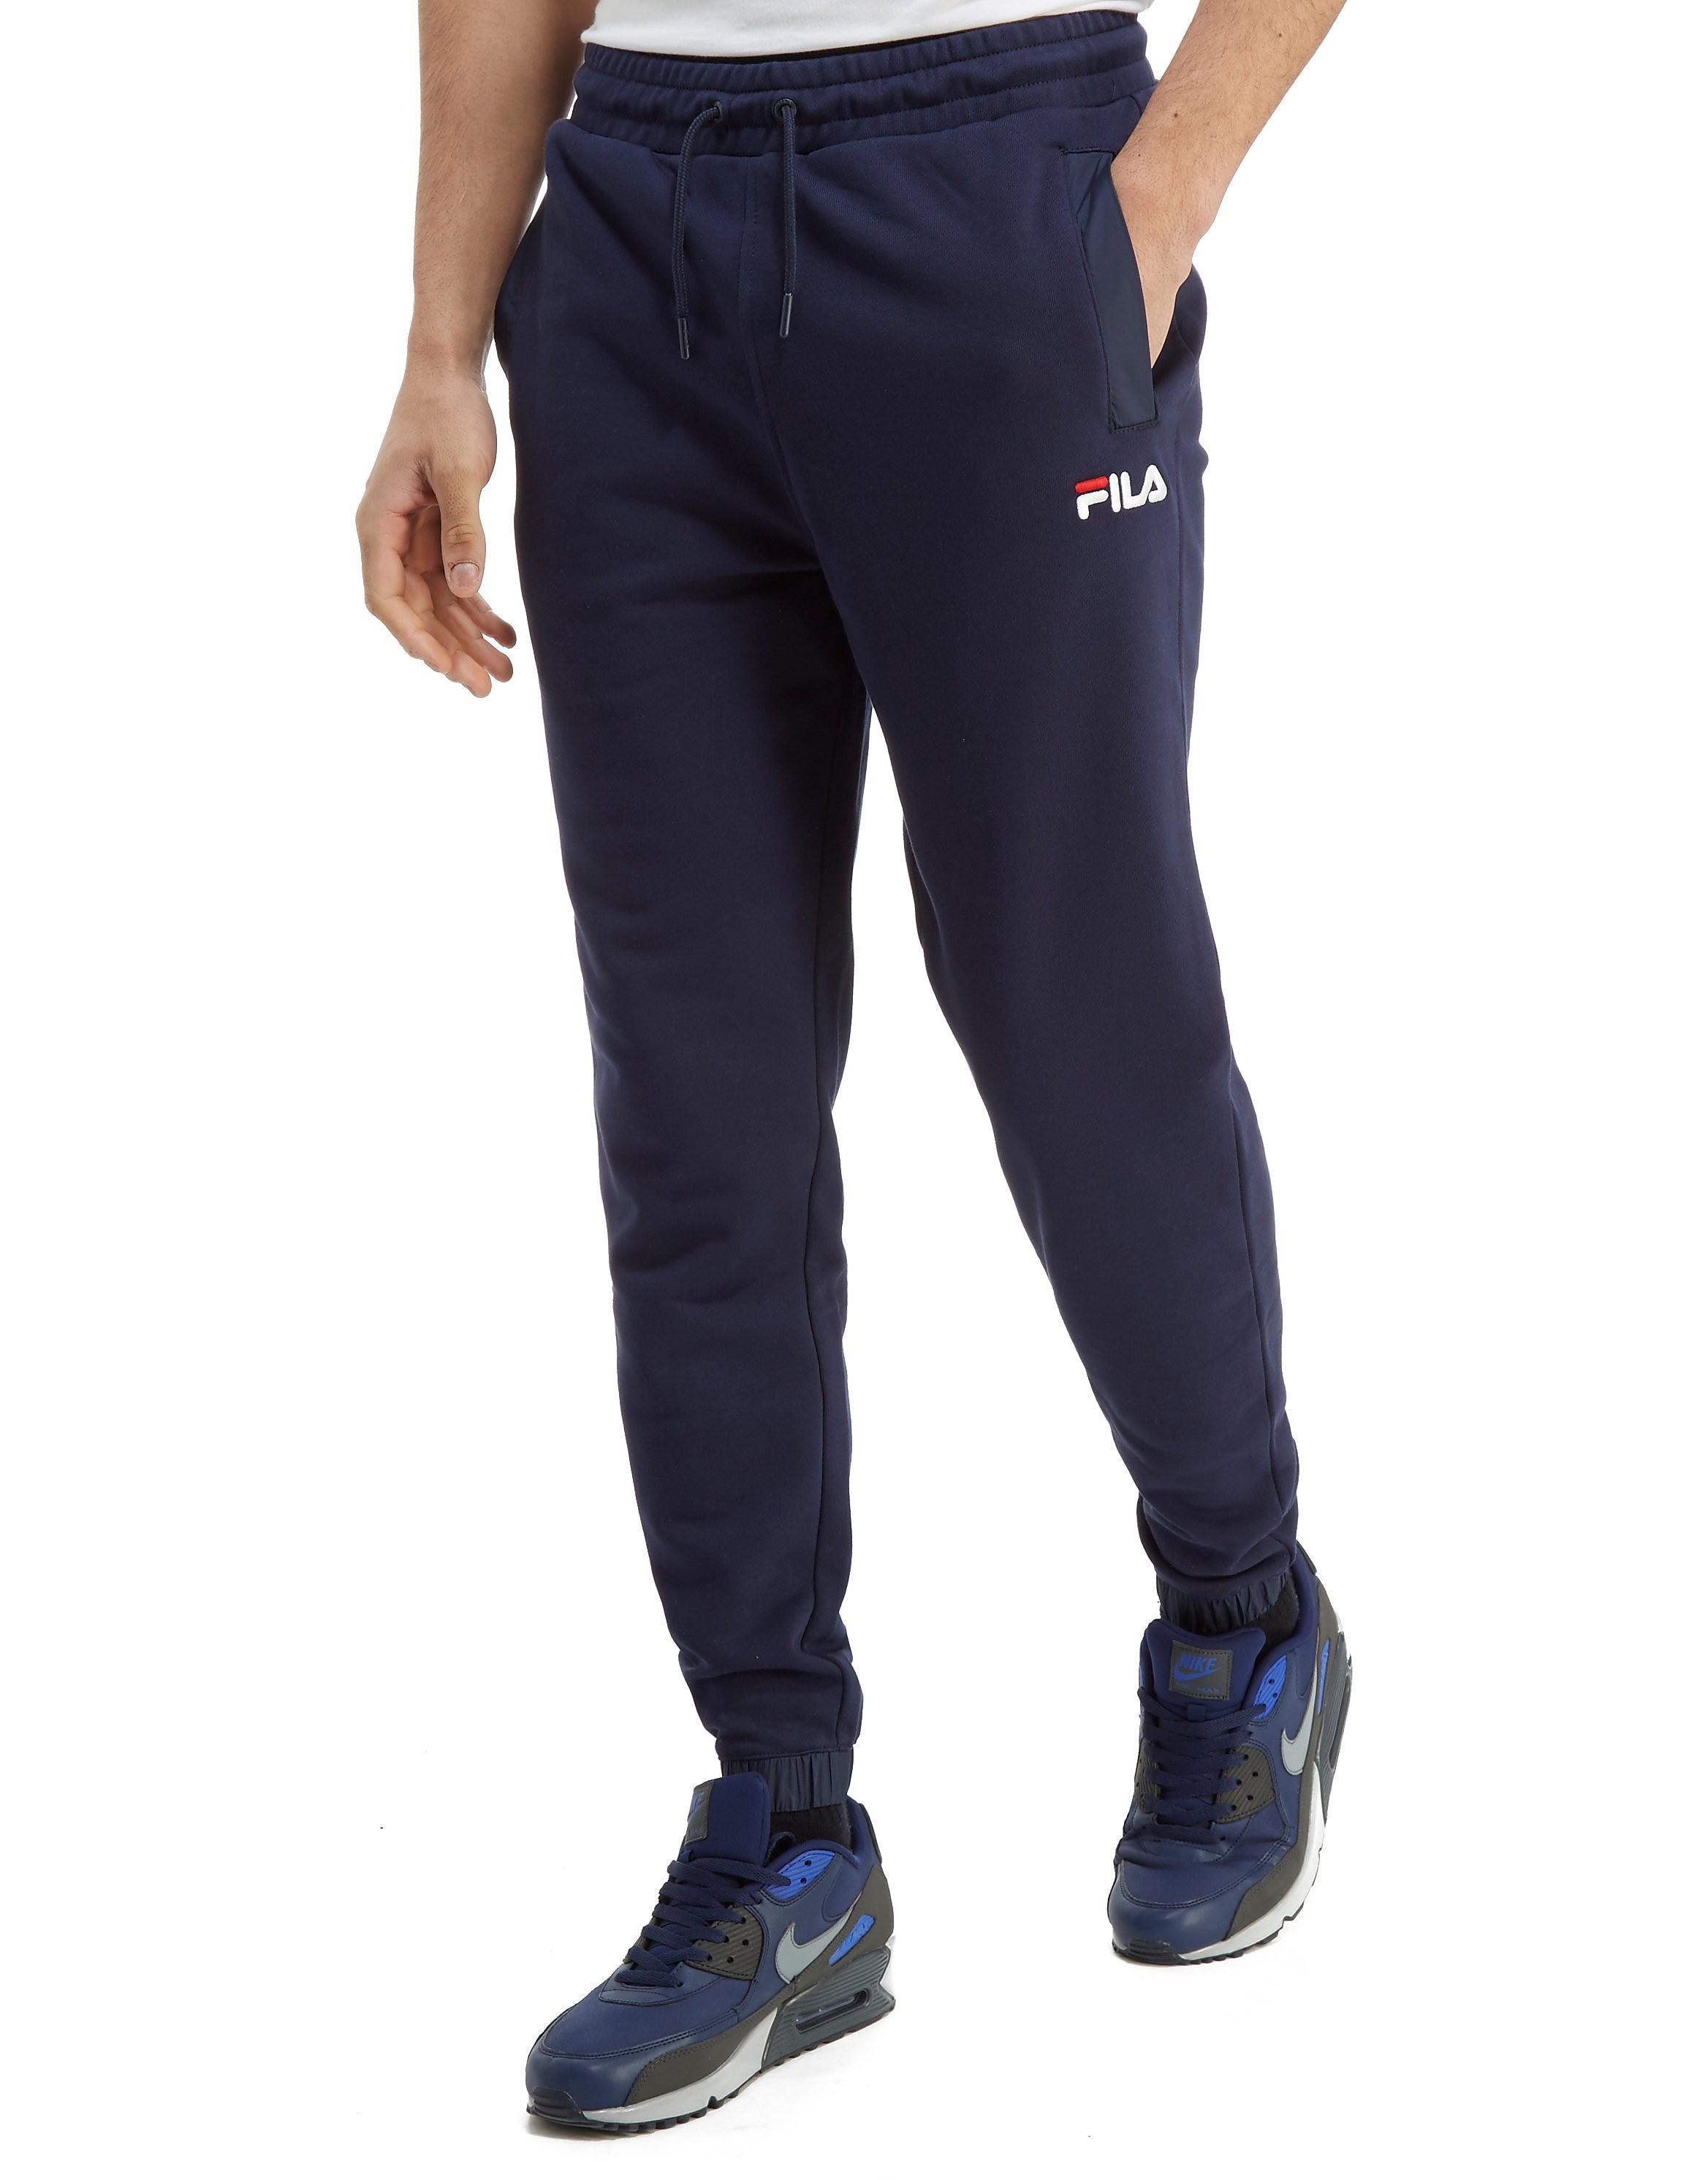 Fila Finn Fleece Pants - Navy/= - Mens, Navy/=